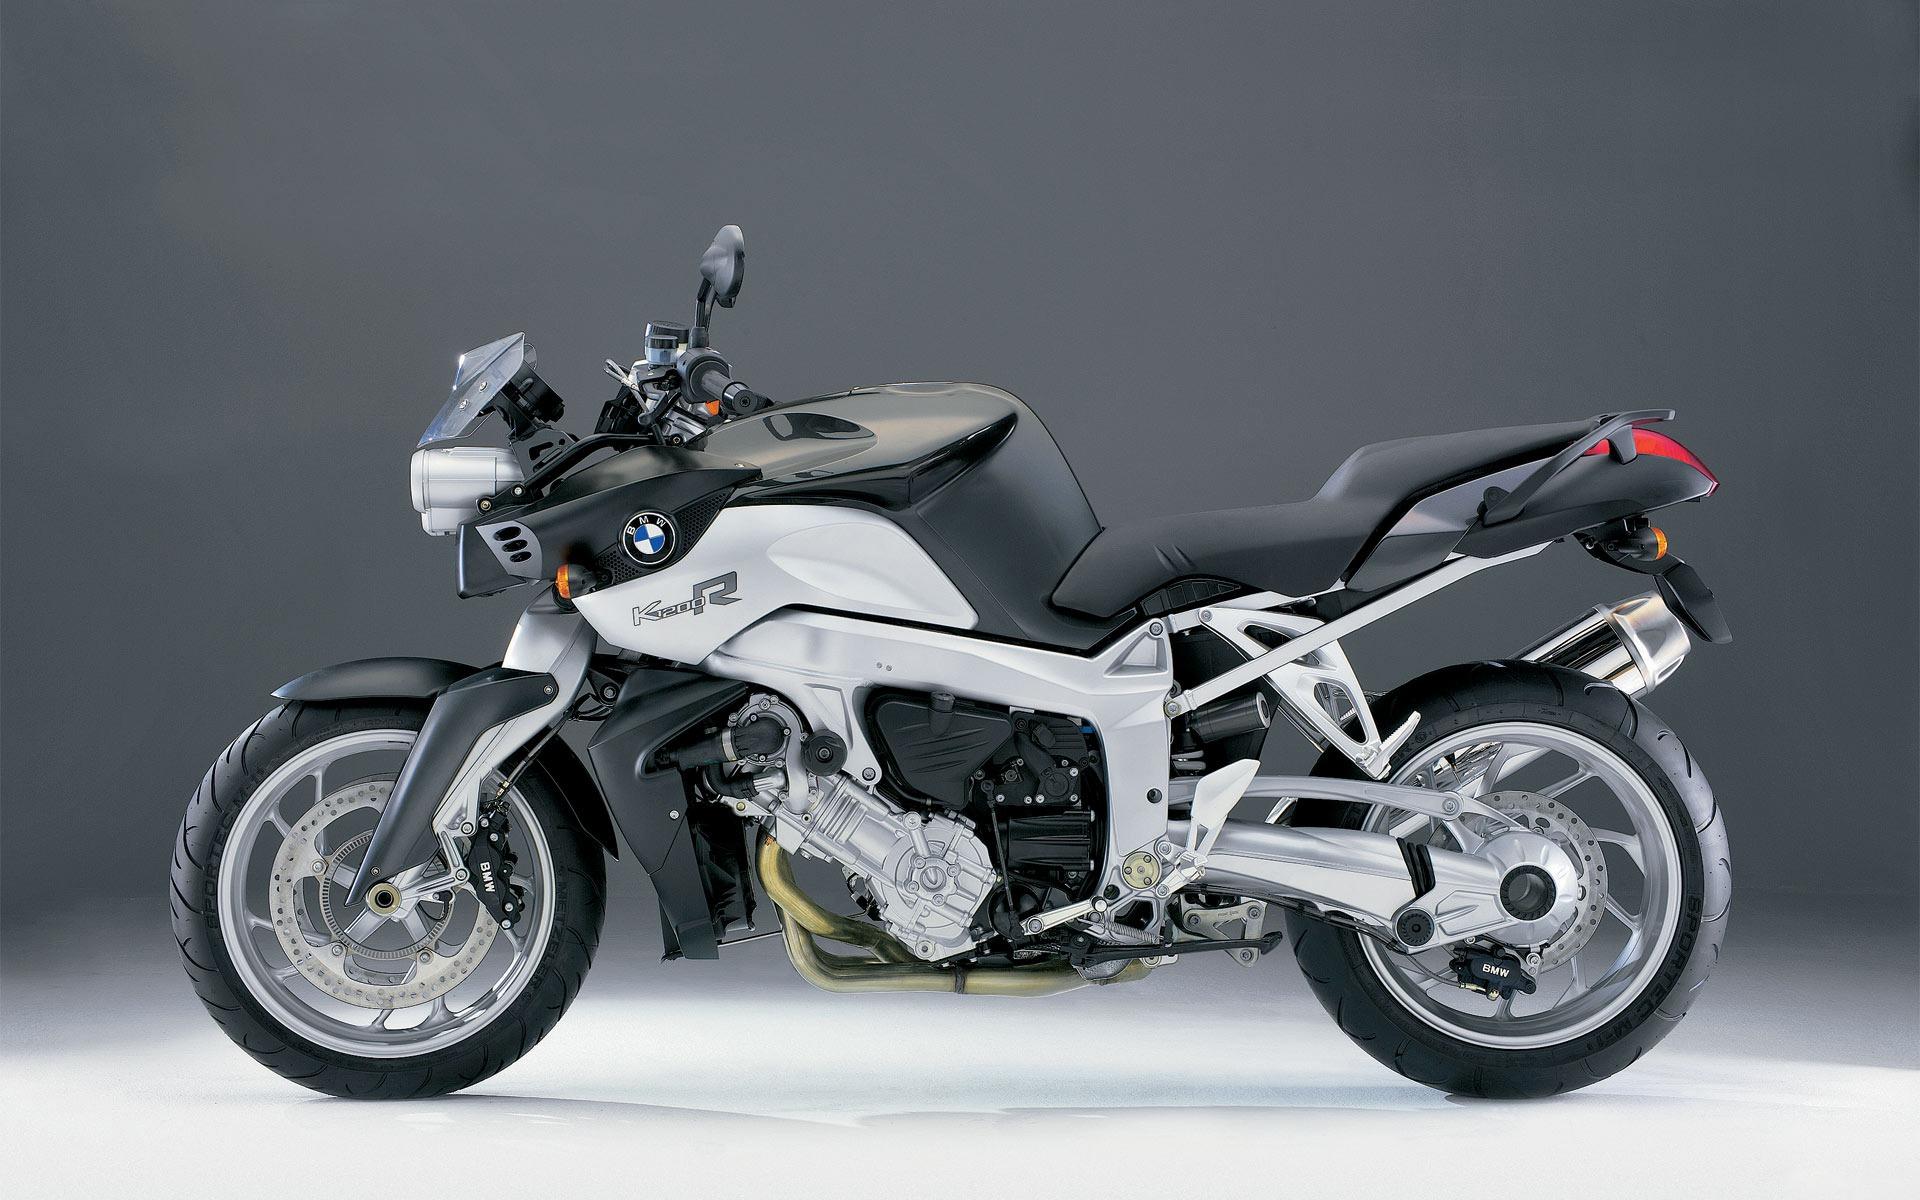 Wallpaper download bike - Bmw K1200r Wallpaper Bmw Motorcycles